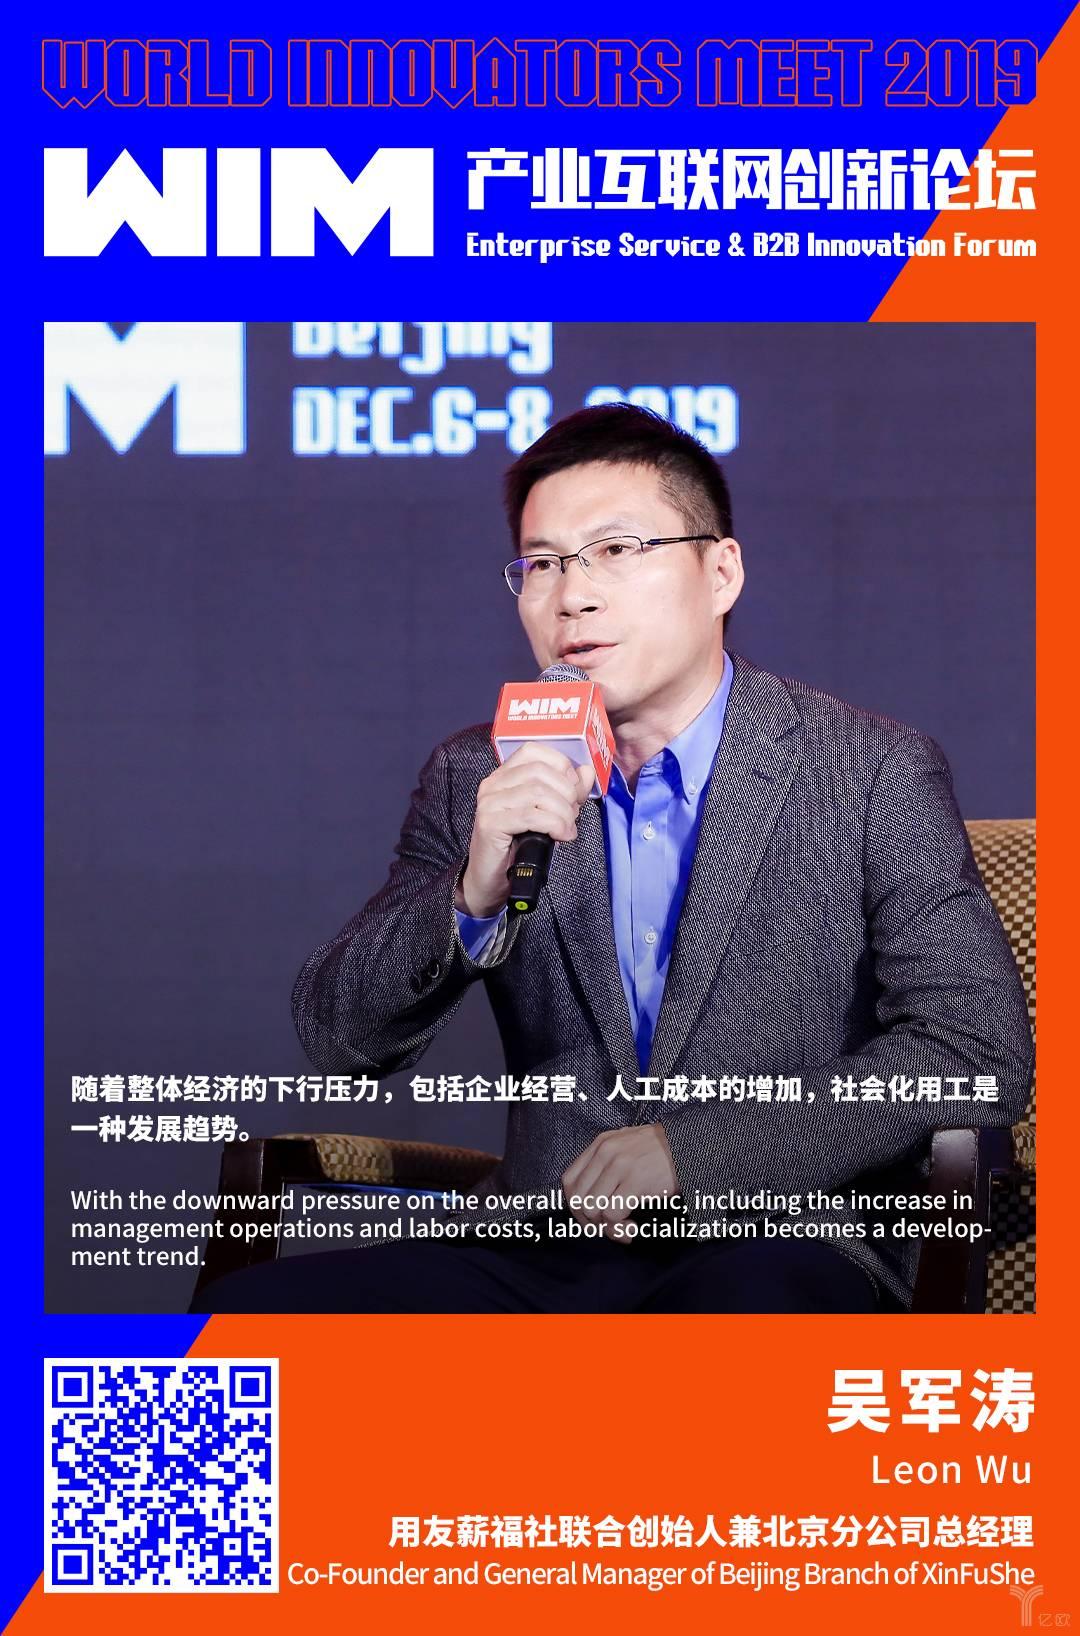 用友薪福社联合创始人兼北京分公司总经理吴军涛.jpg